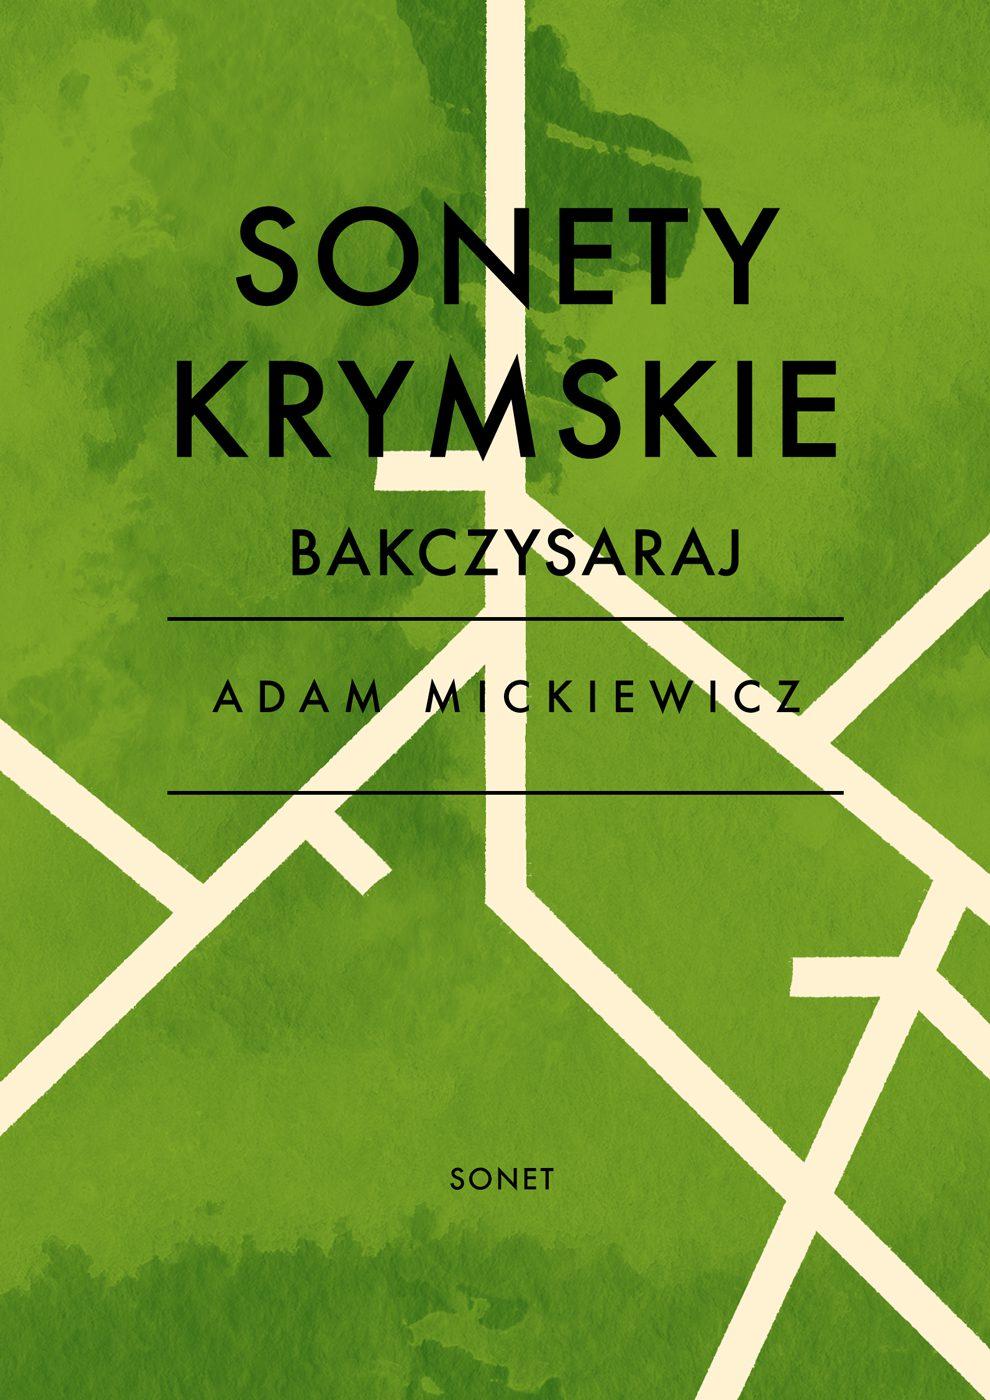 Sonety krymskie - Bakczysaraj - Ebook (Książka EPUB) do pobrania w formacie EPUB